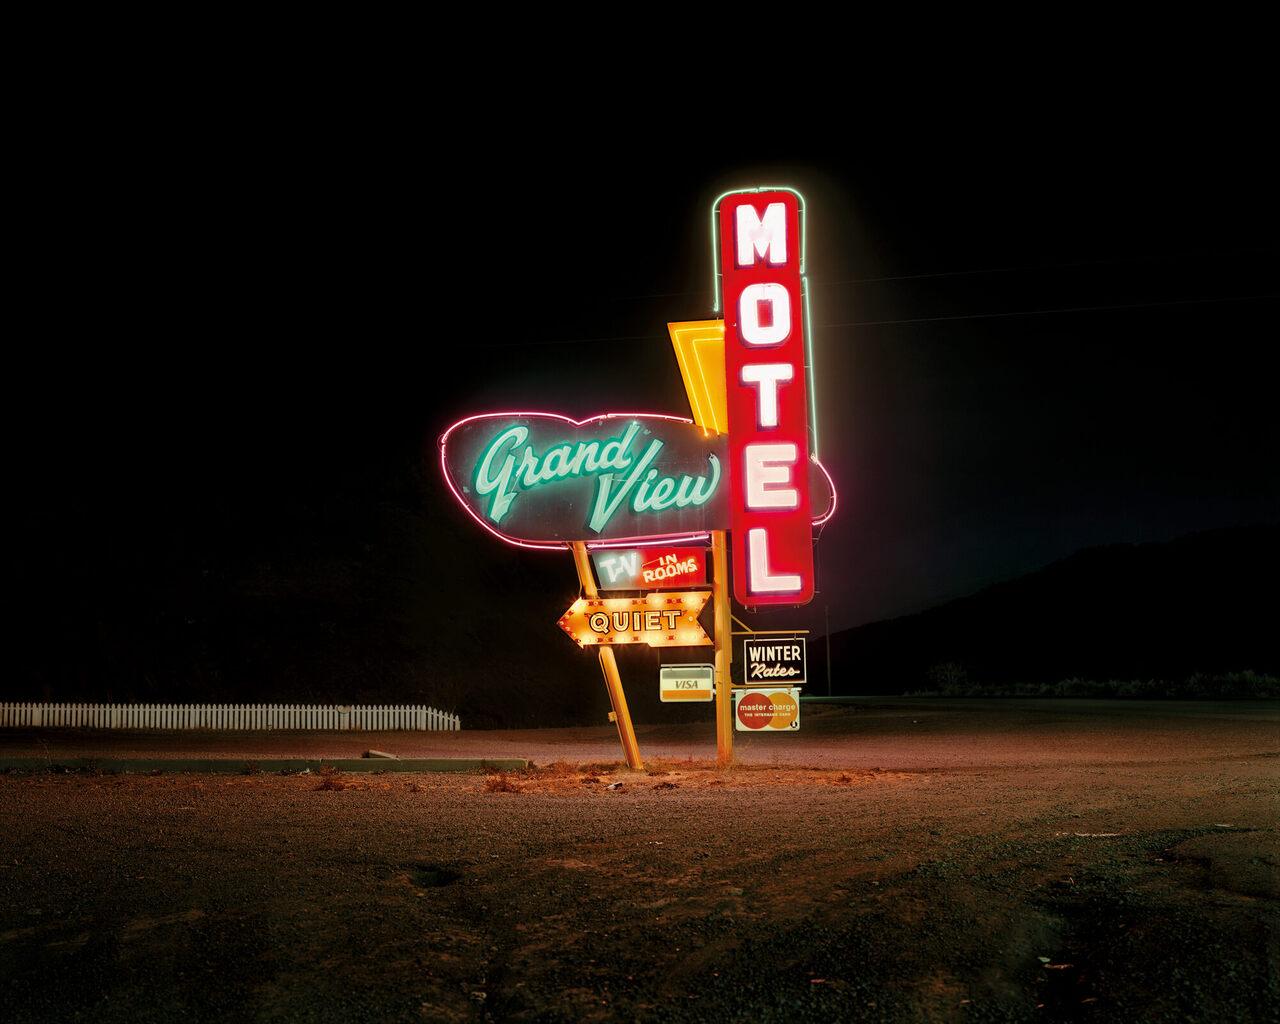 <em>Grand View Motel, Raton, New Mexico; December 18, 1980.</em>